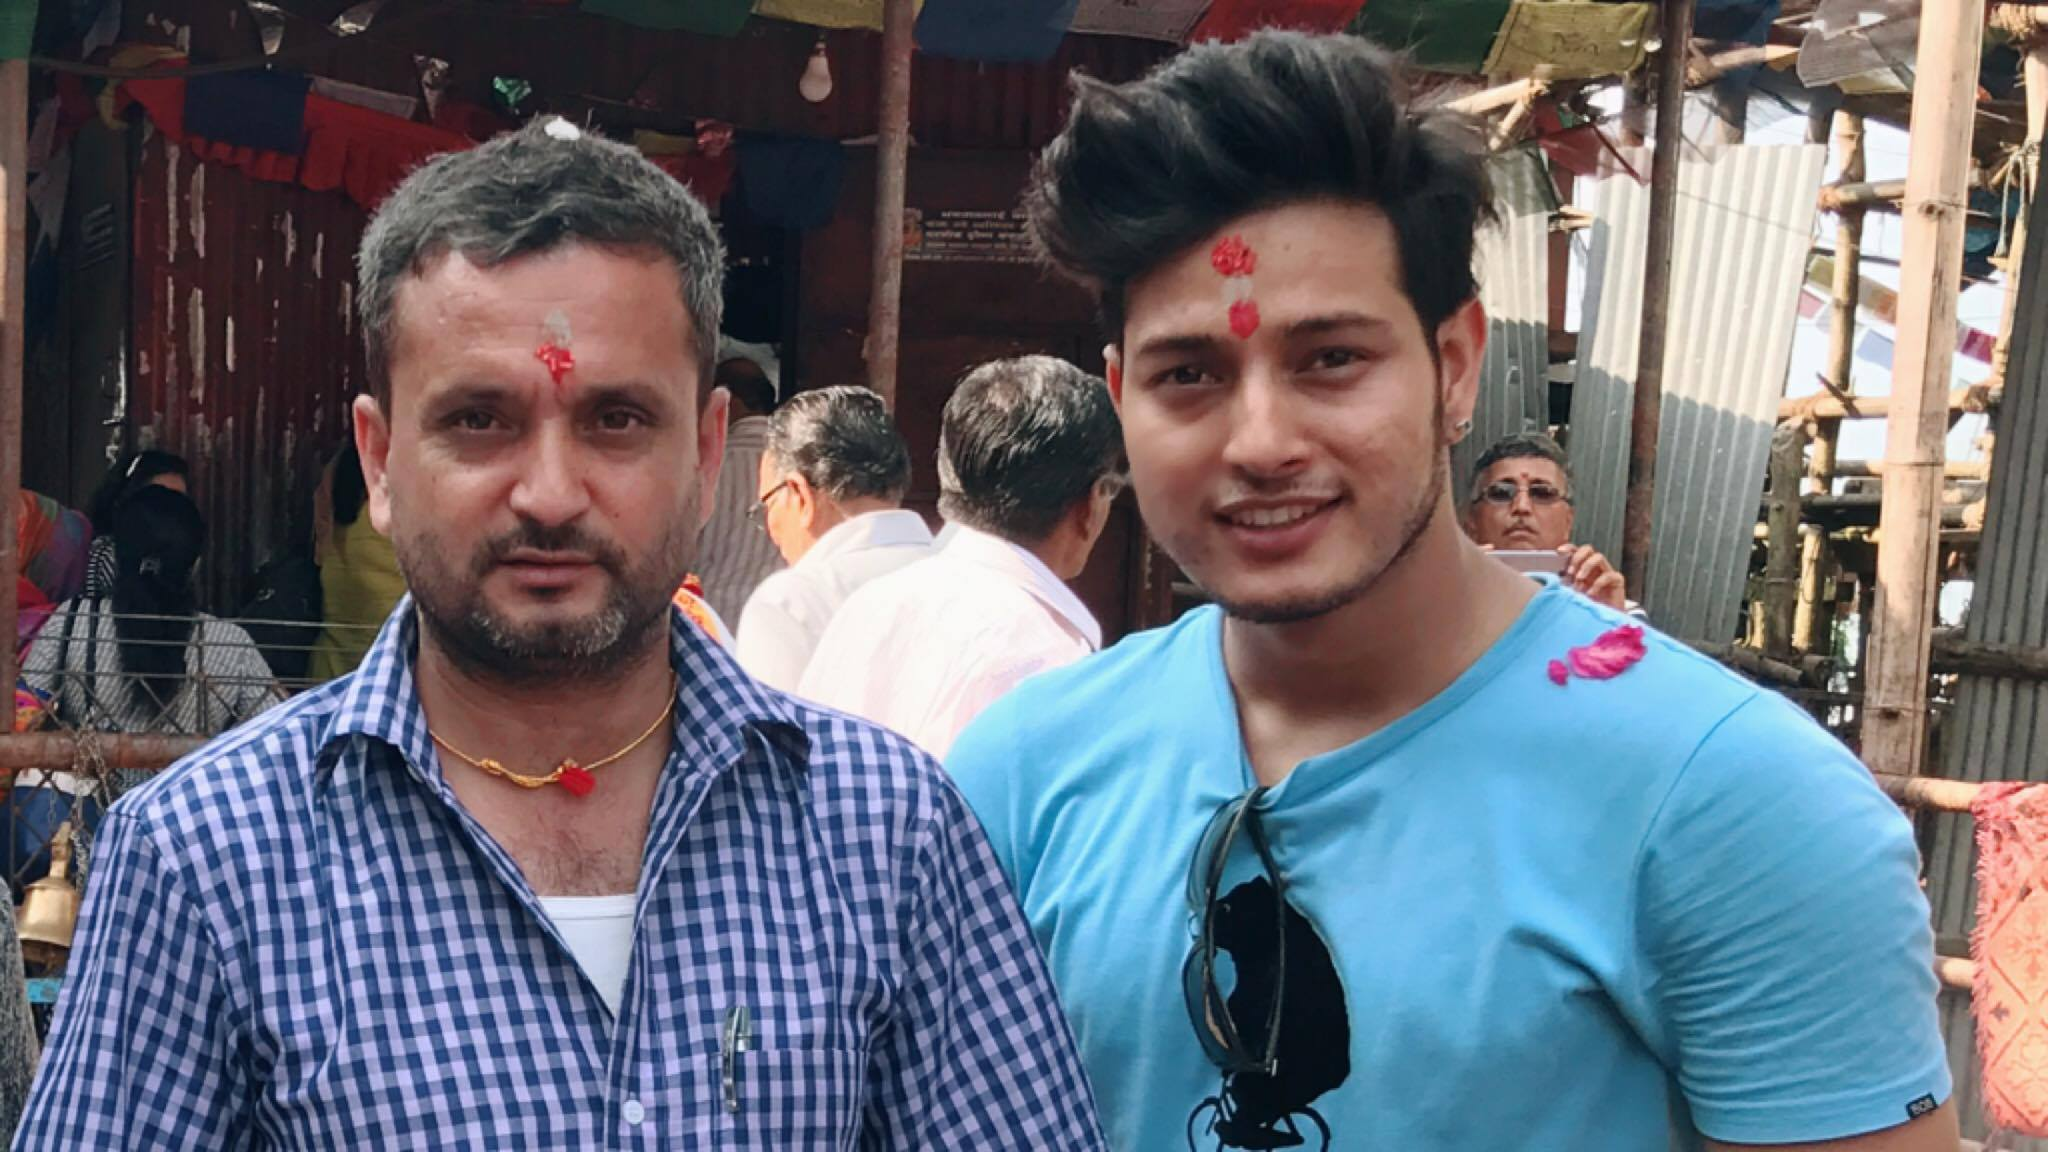 पुष्प मेहनती कलाकार र असल मानव हुन् : निर्देशक नेपाल